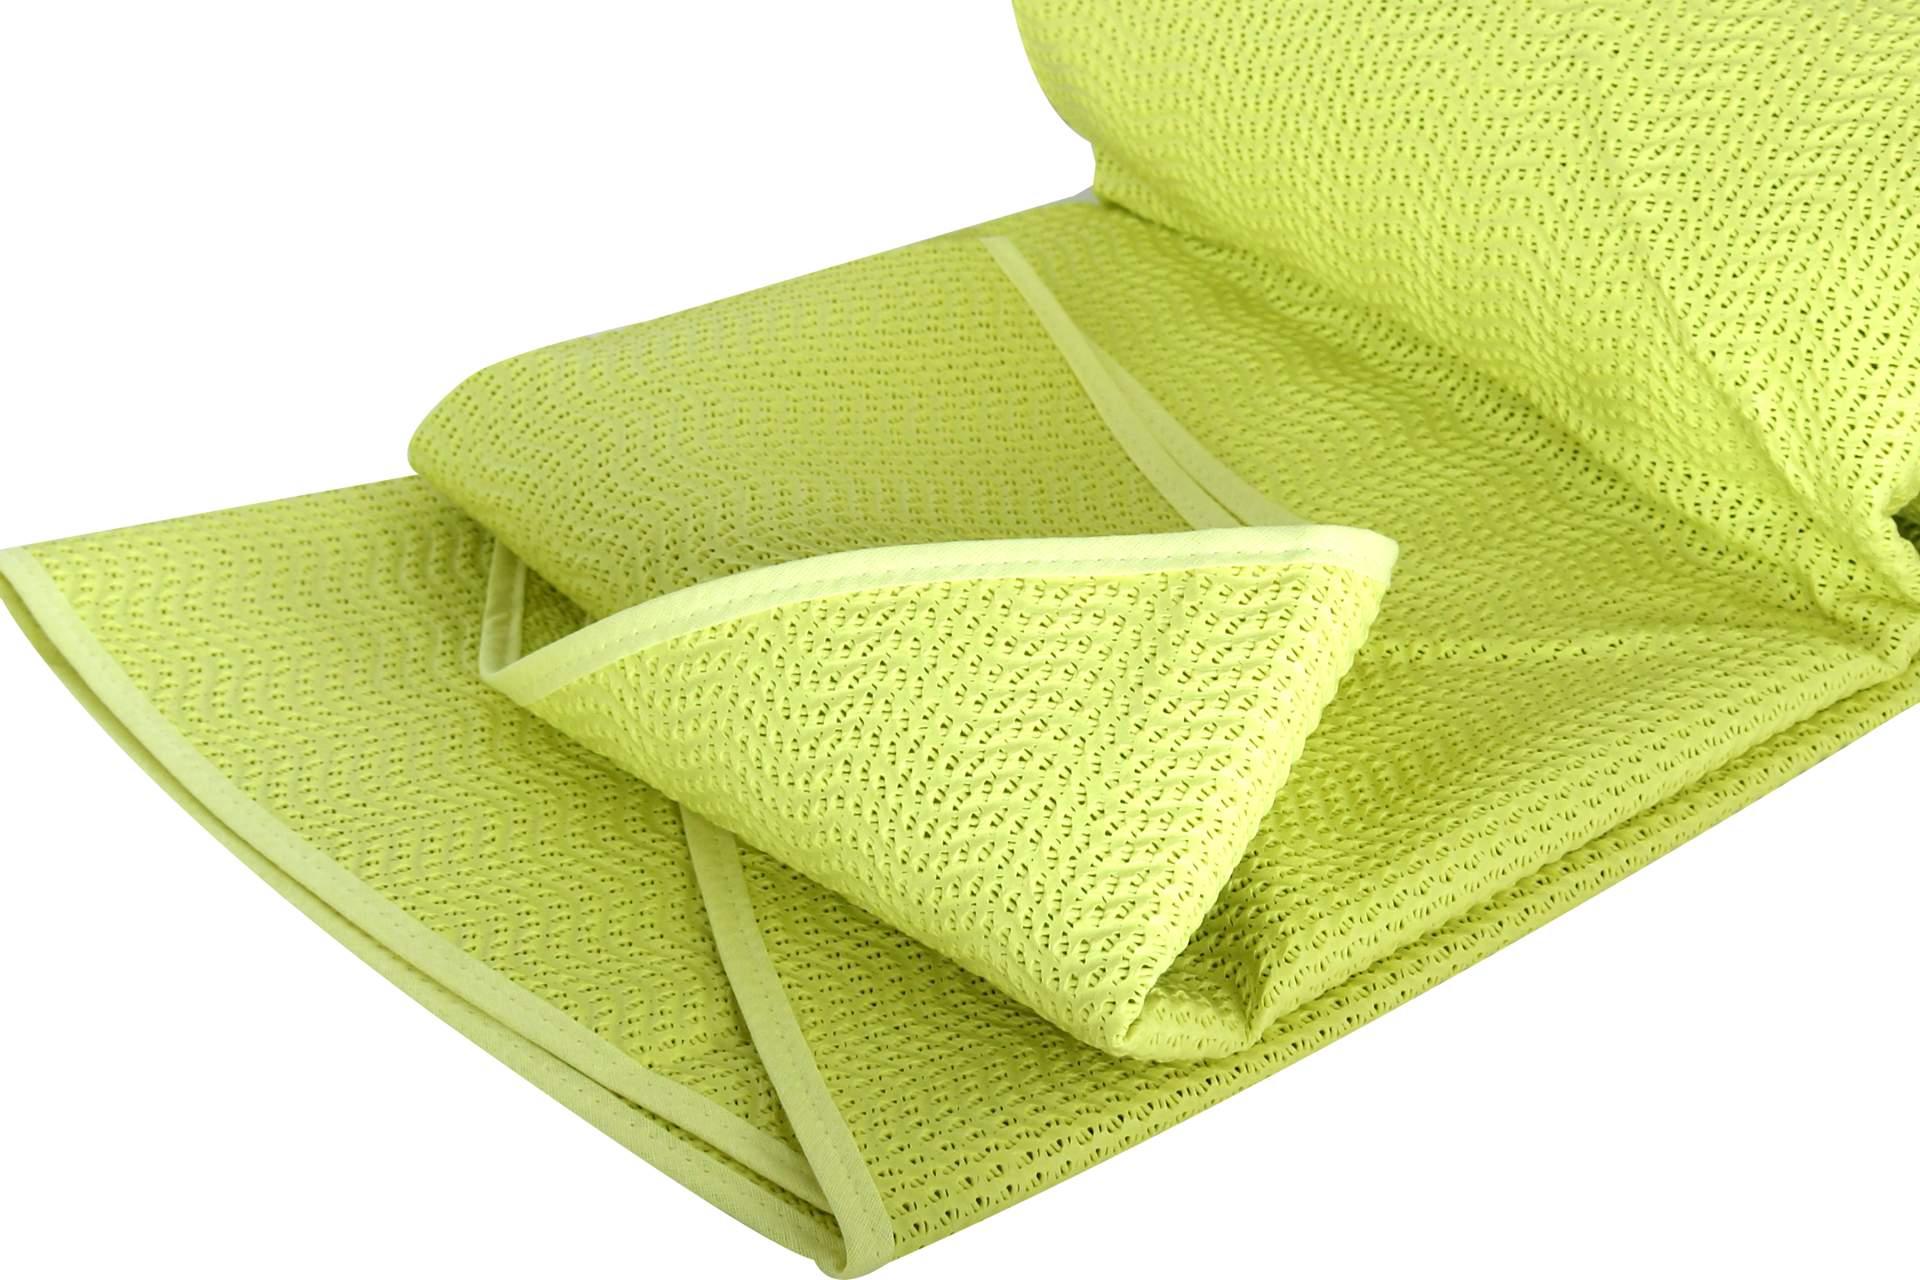 garten tischdecke friedola lemon 160 cm rund tisch decke wetterbest ndig neu. Black Bedroom Furniture Sets. Home Design Ideas